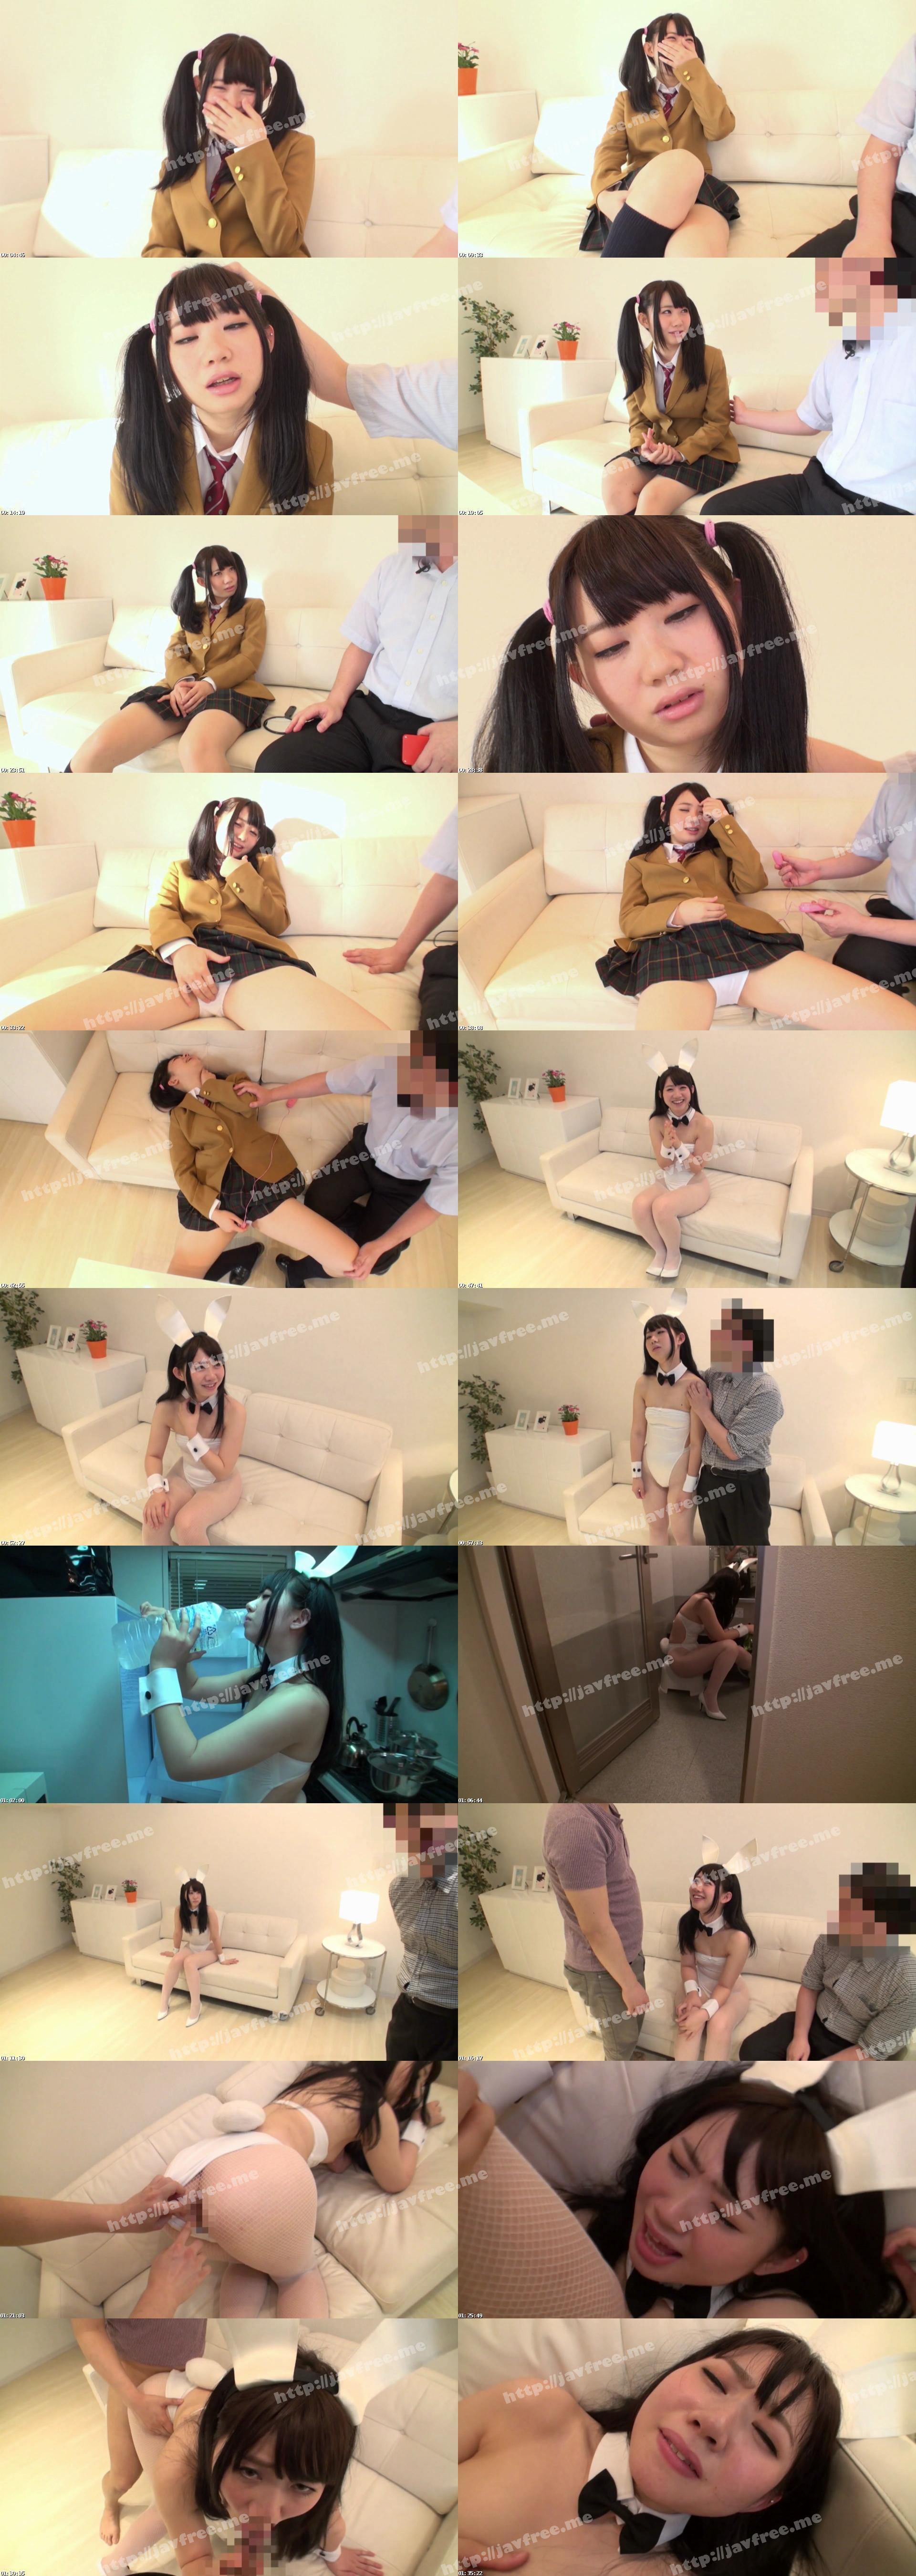 [ANX-084] サガ2 インフィニティX-SaGa2 催眠女神- あゆな虹恋 - image ANX-084-1080p on /